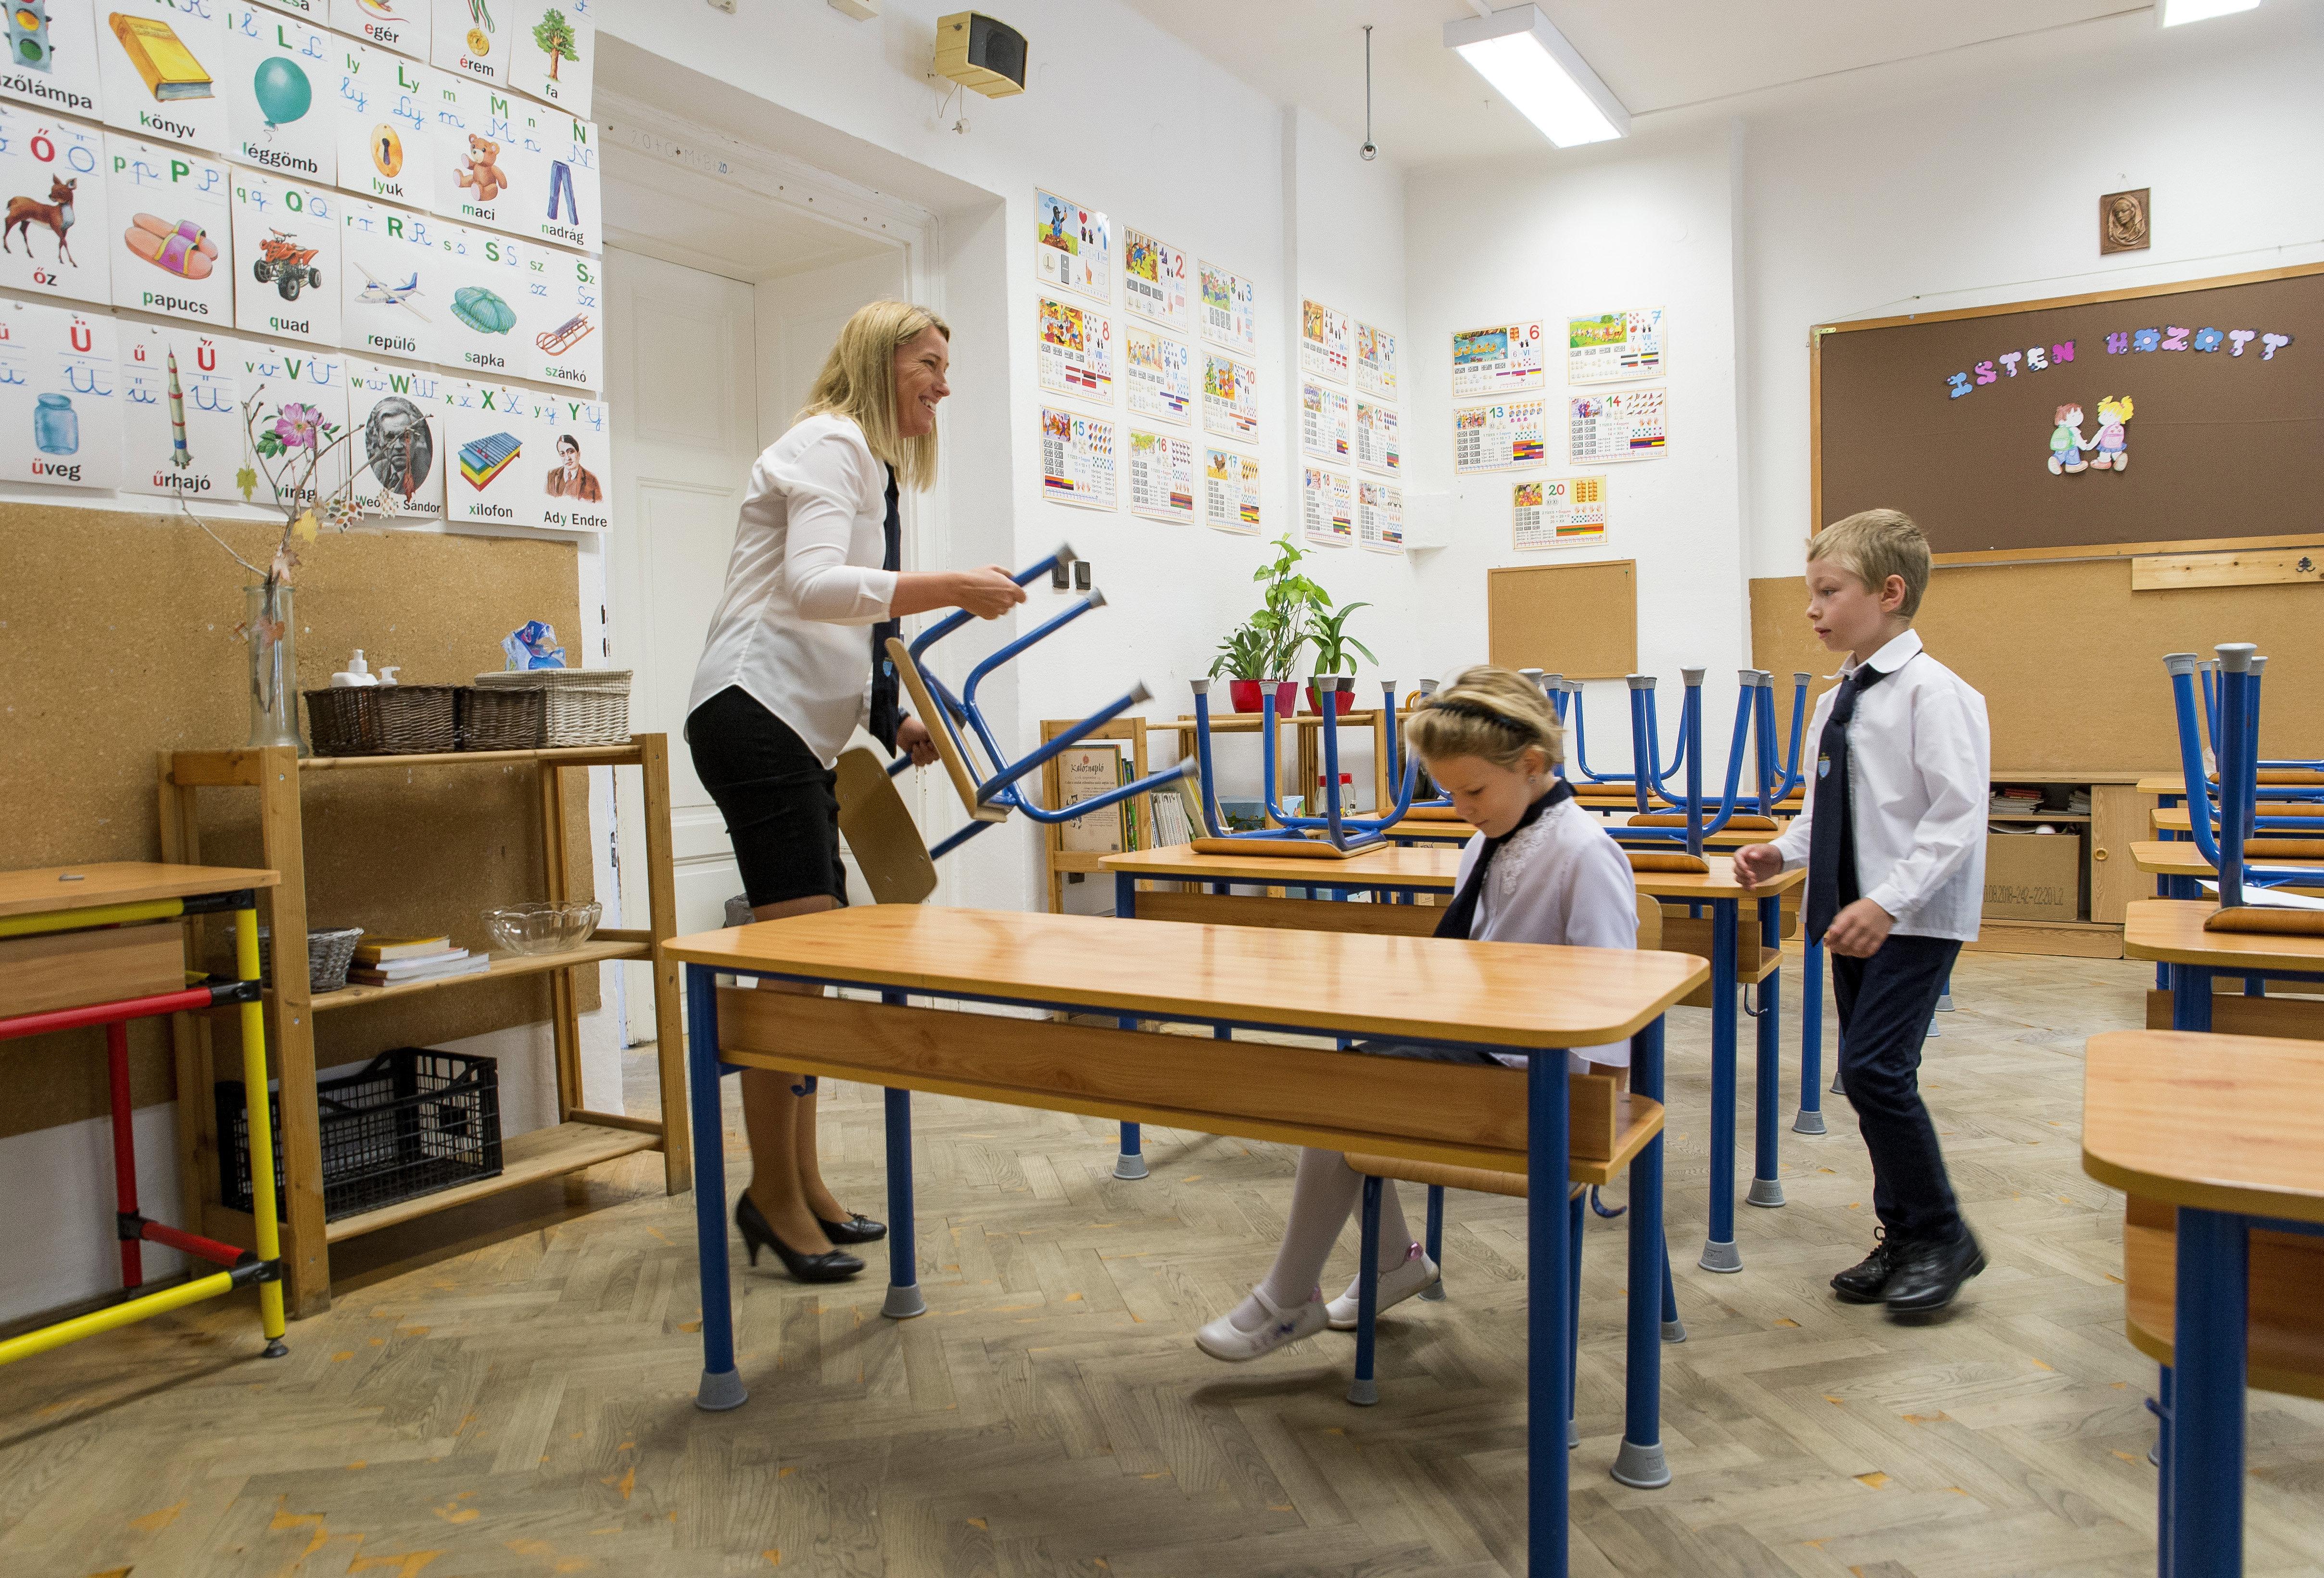 Mégis lesz gyermekfelügyelet az óvodákban és az iskolákban hétfőtől